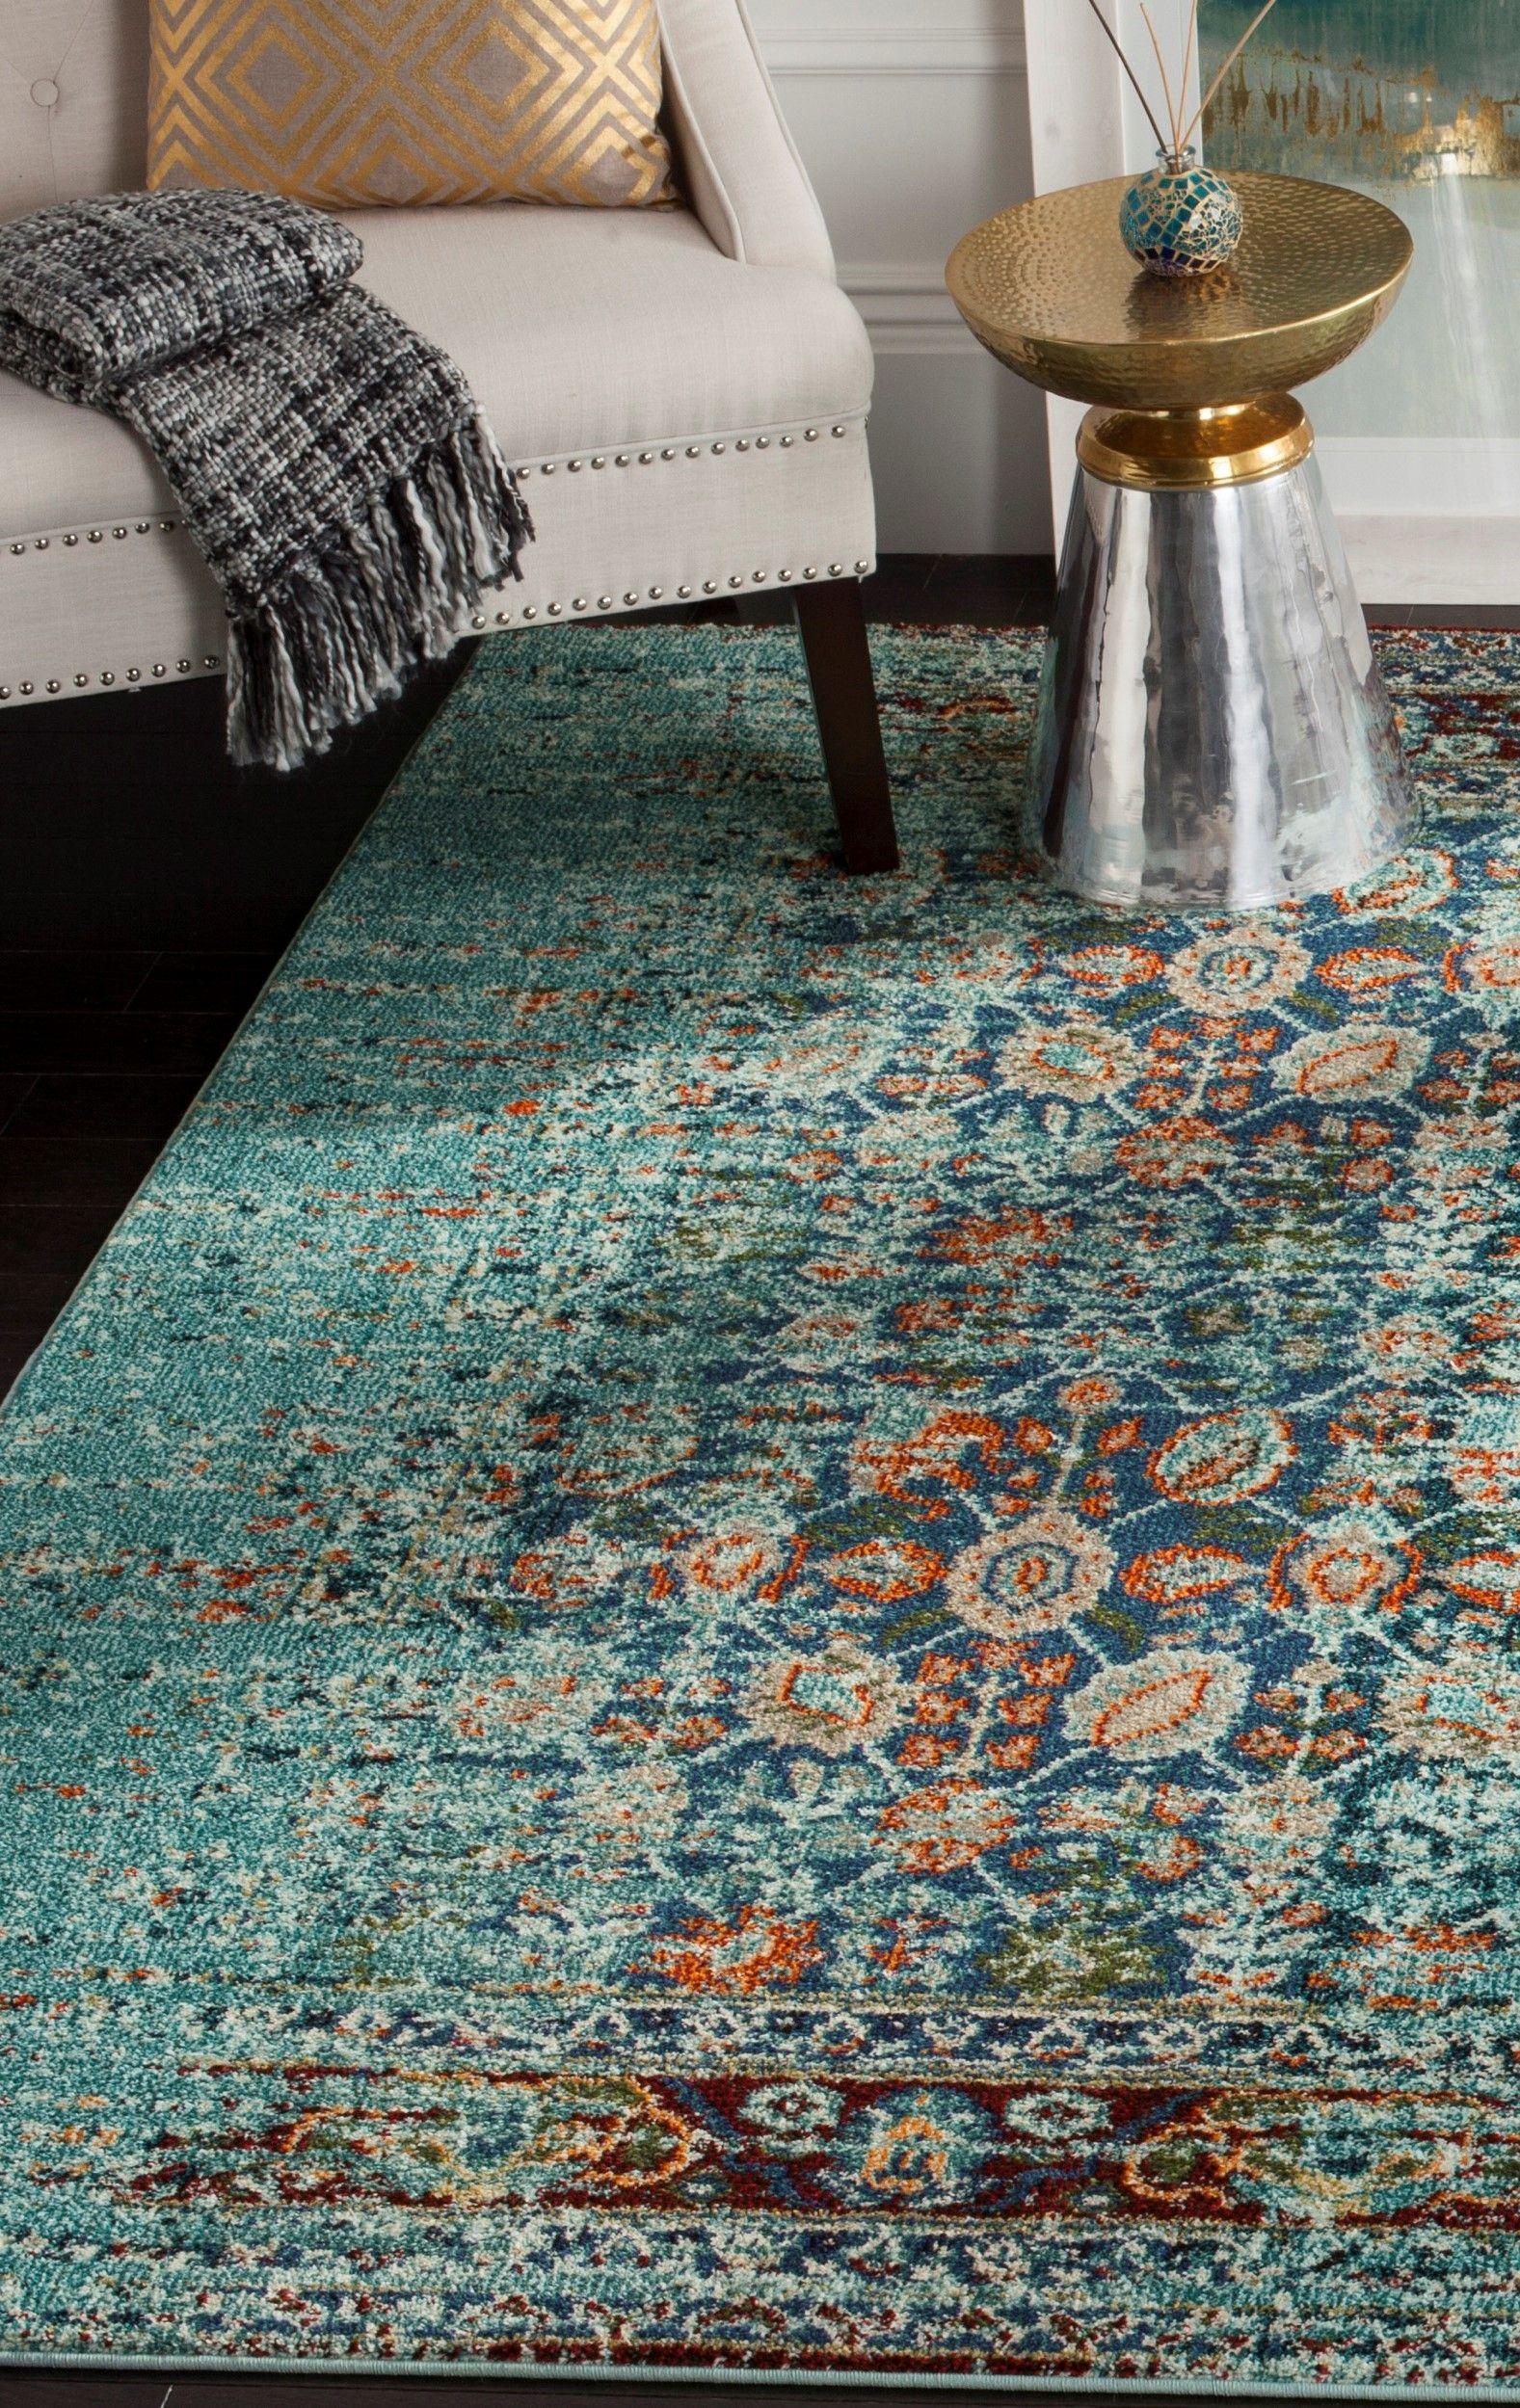 Geräumig Teppich Flur Beste Wahl Mit Seinem Verblassten, Traditionellen Design Ist Dieser